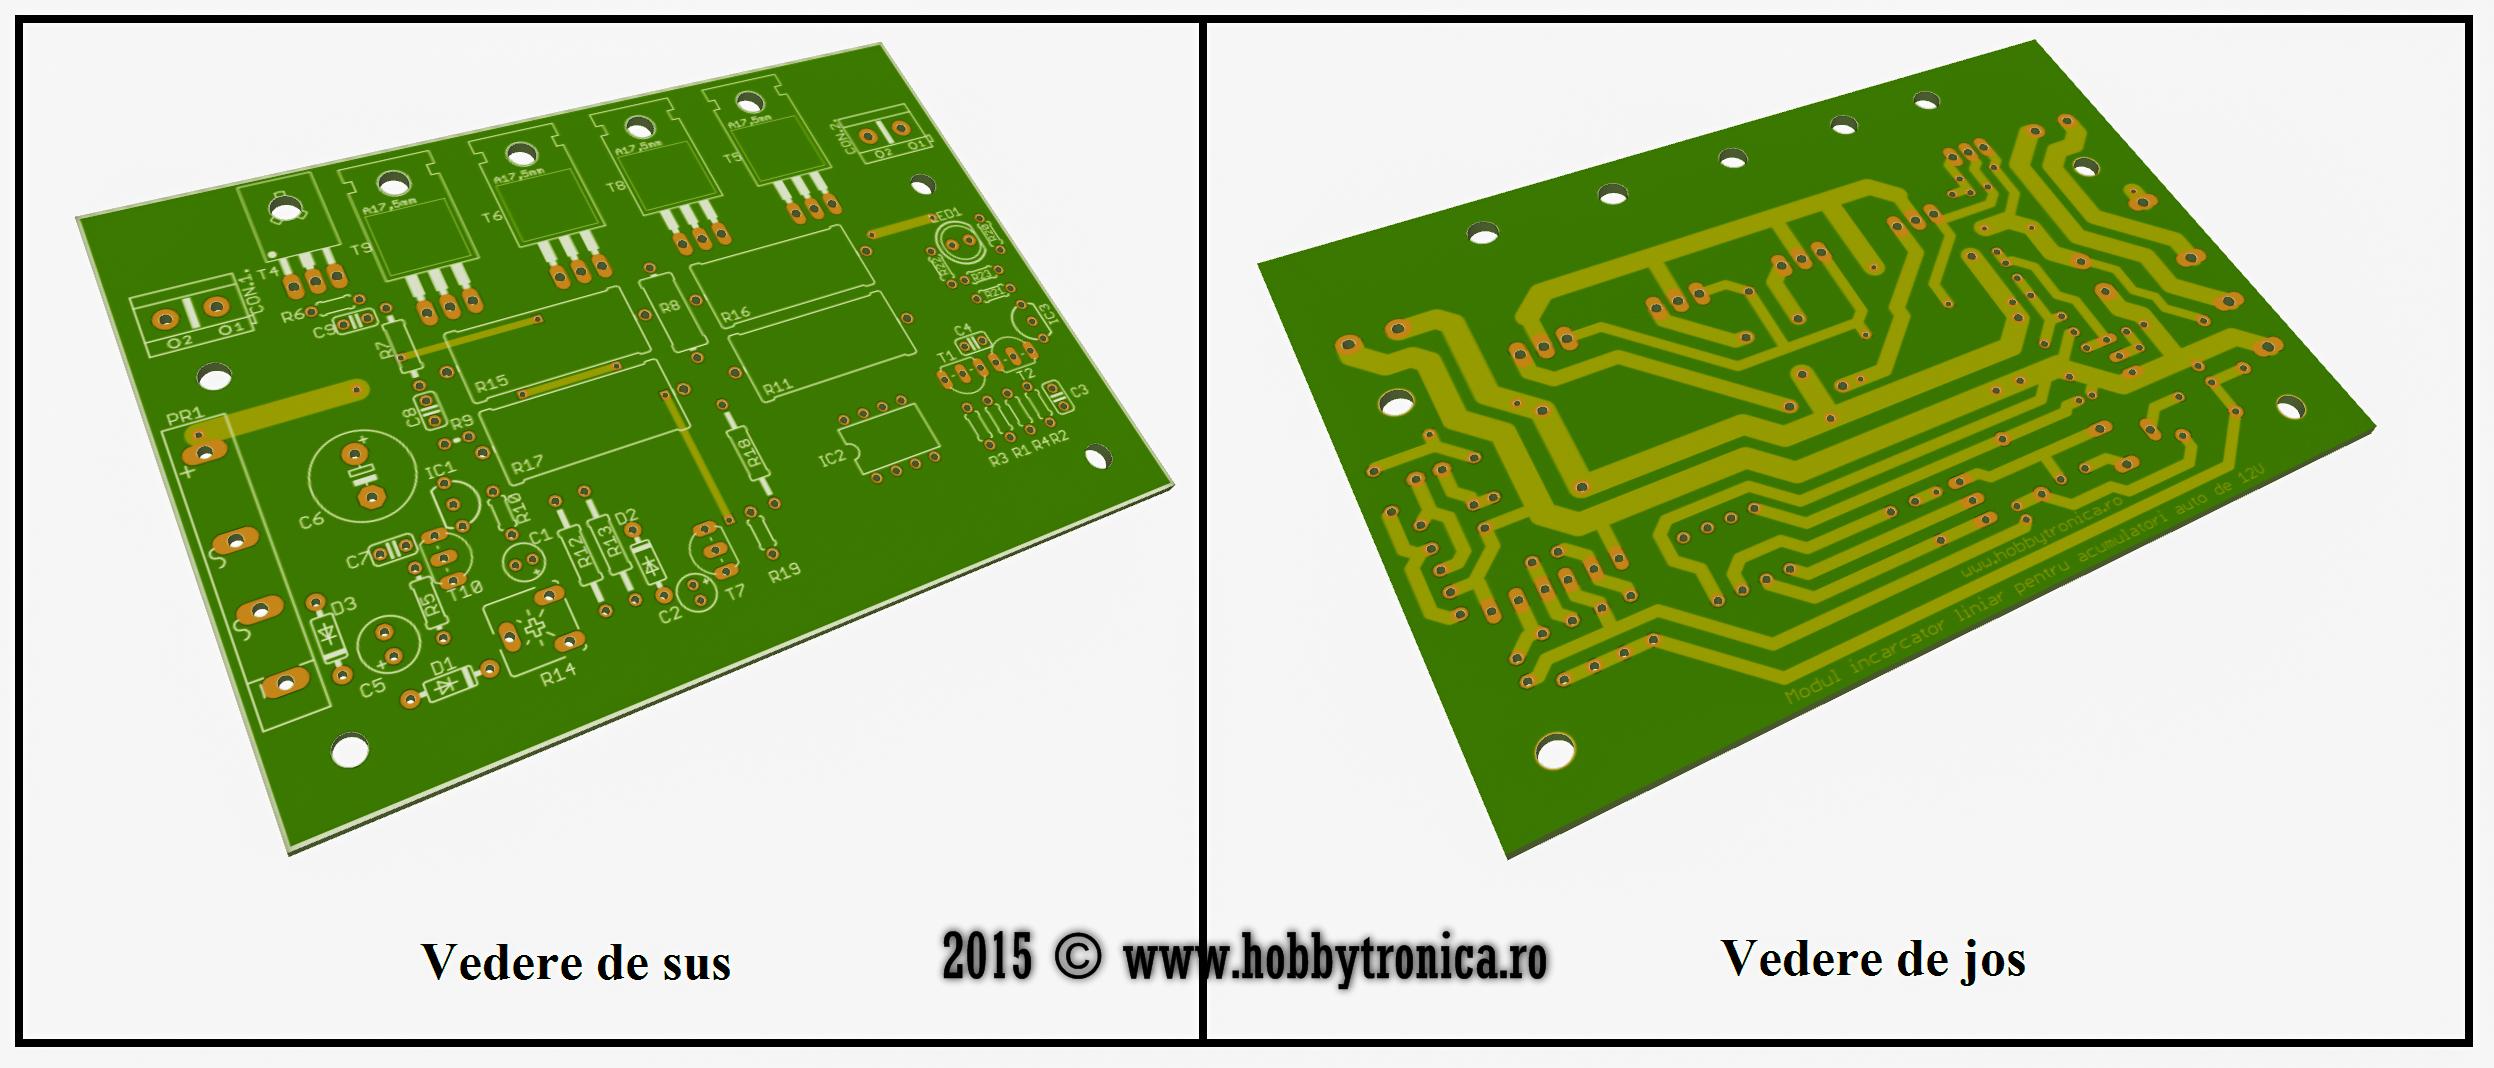 Figura 3. Modelul 3D al PCBului - Hobbytronica